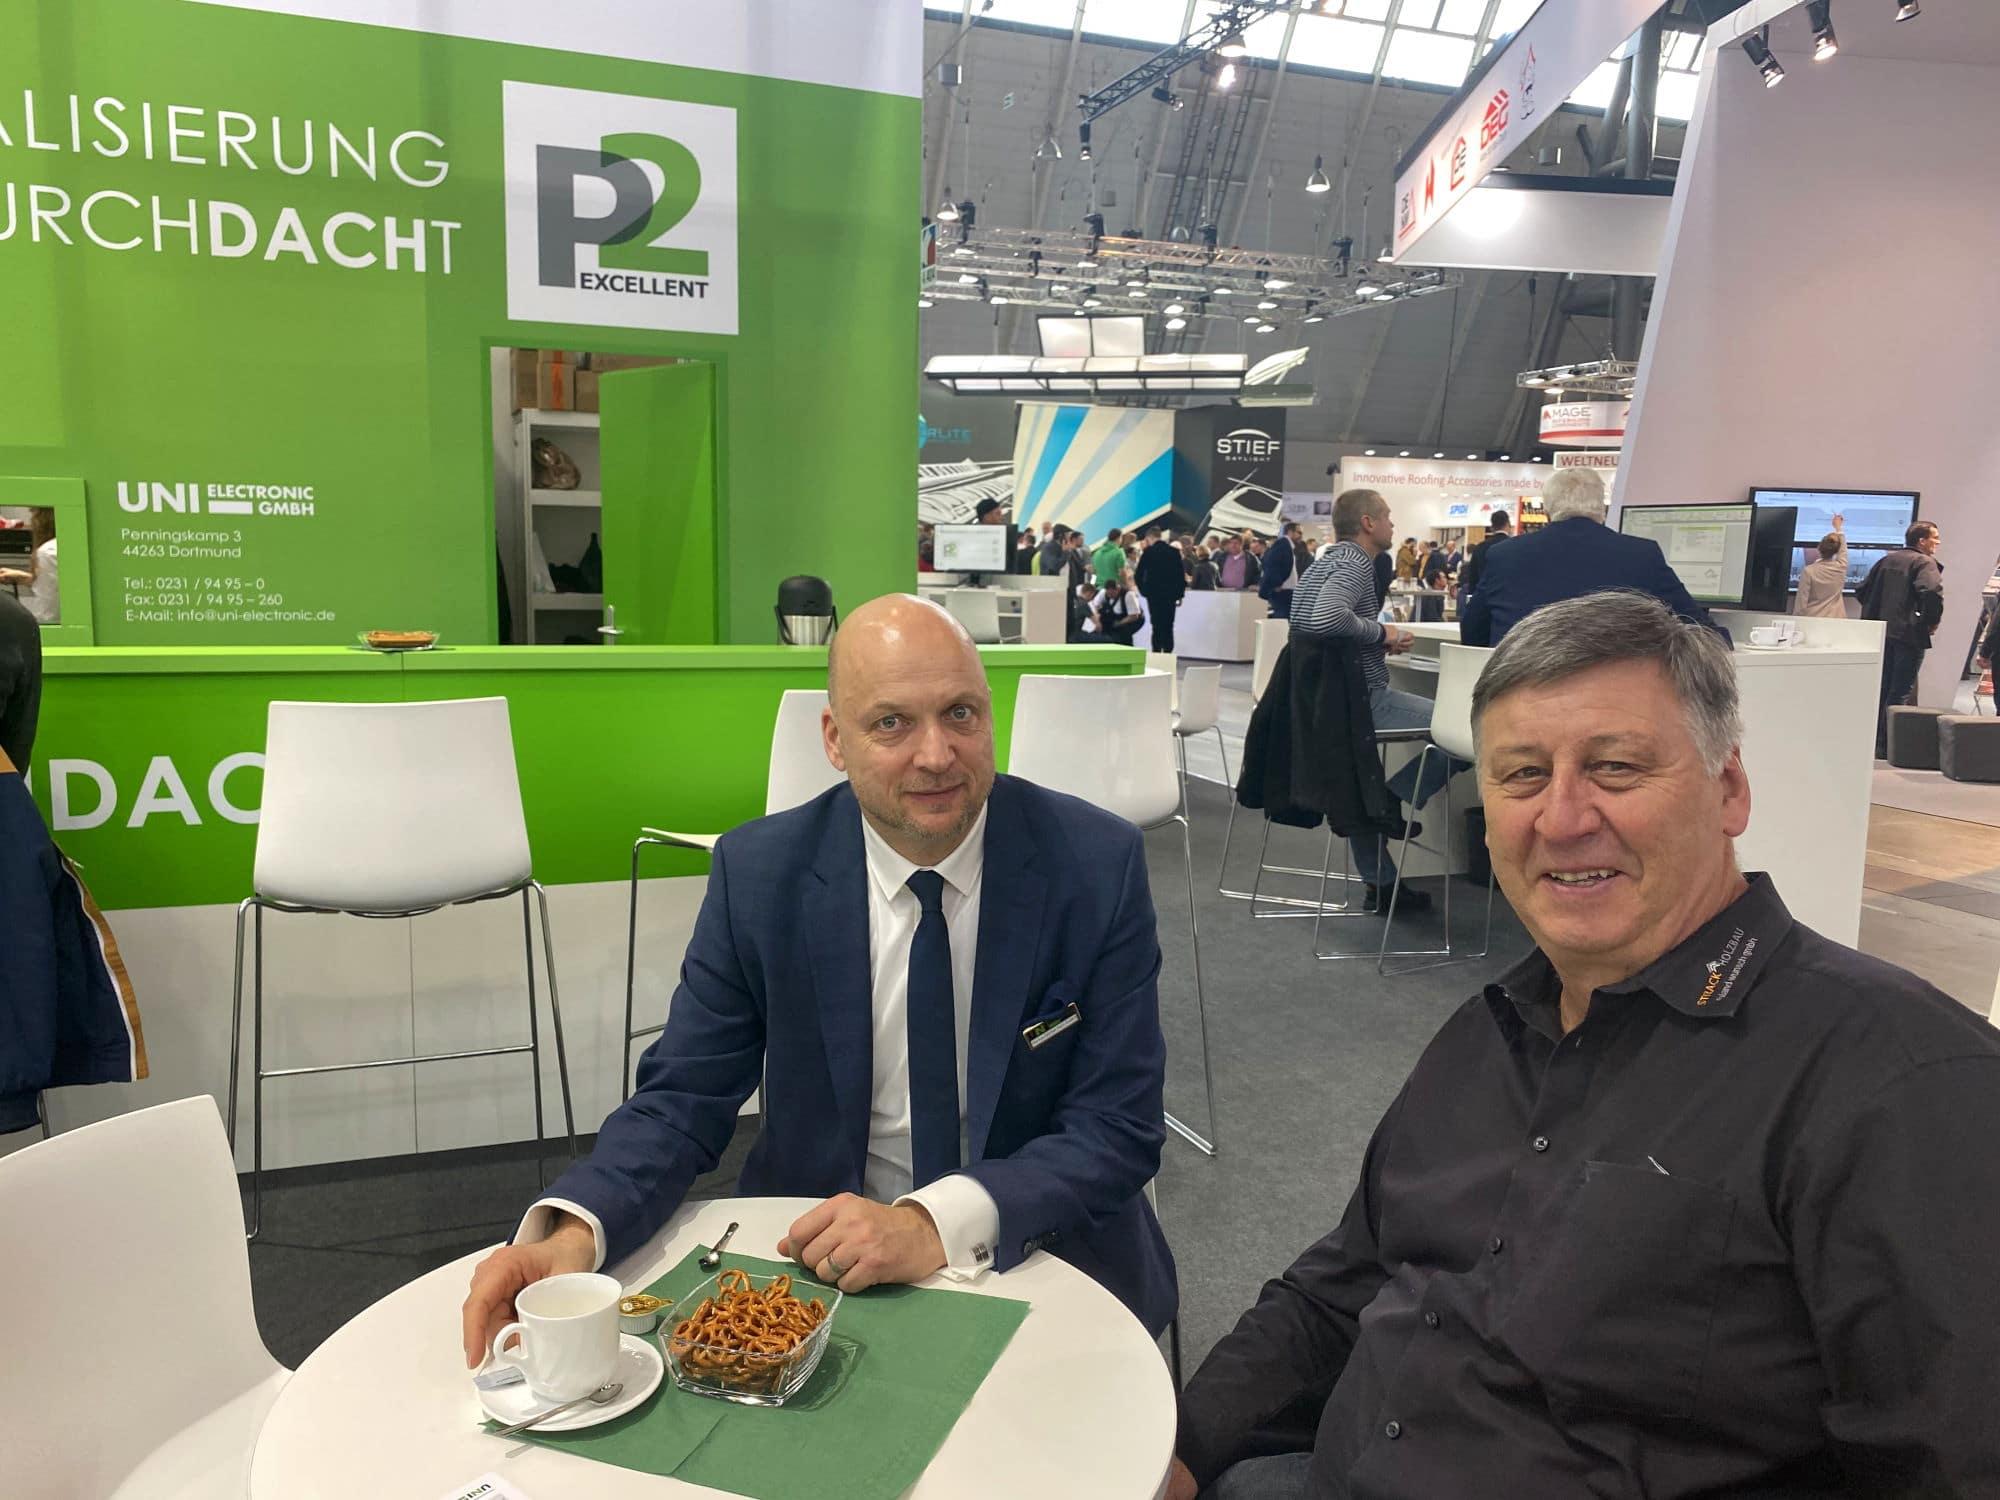 Herr Wunsch von Strack Holzbau aus Baden Baden (rechts) und unser Verkaufsleiter Herr Enders (links)